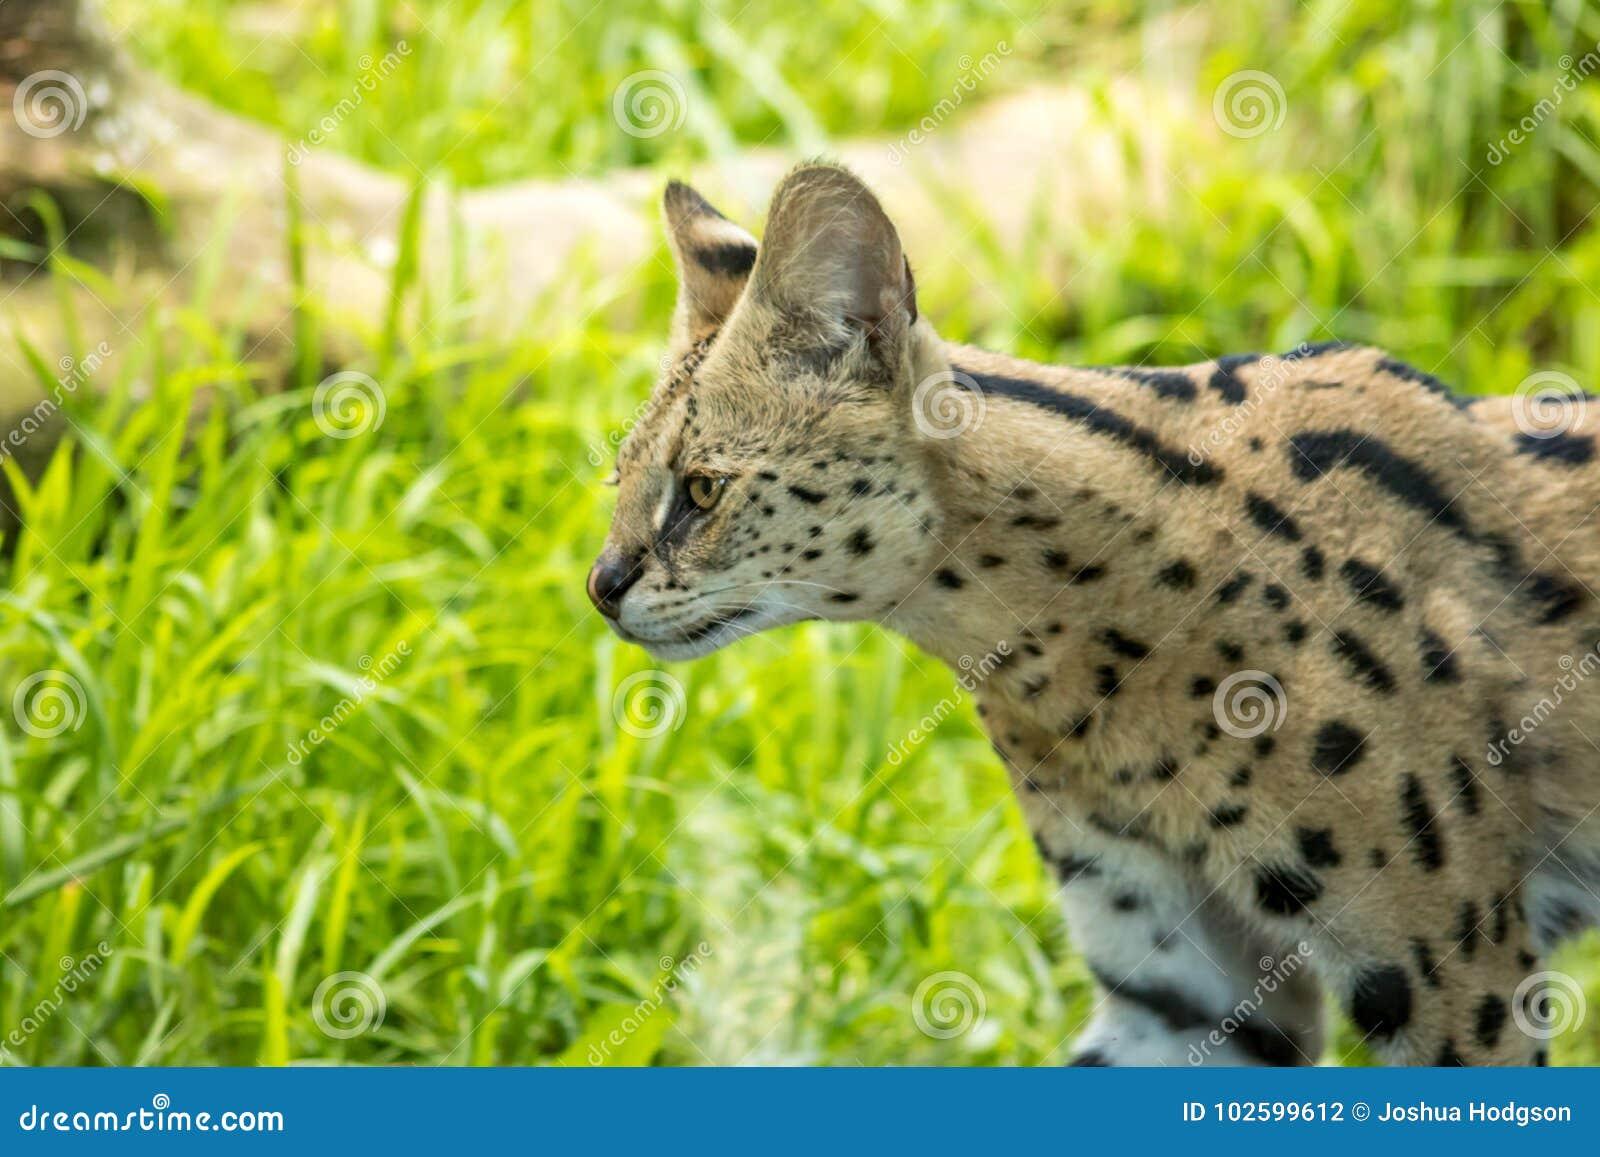 薮猫偷偷靠近在草原的,中型野生猫